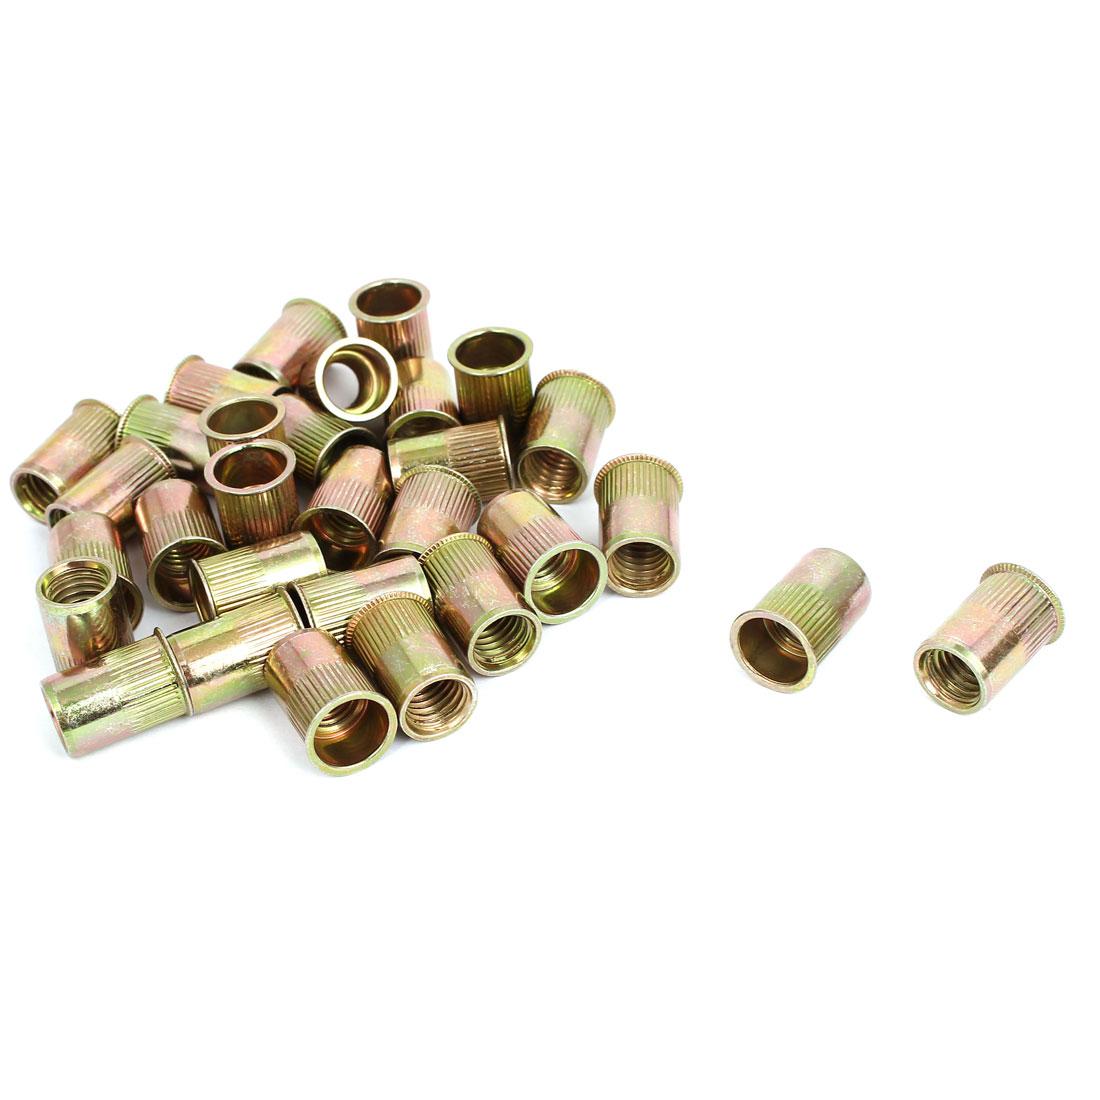 M10 Thread Dia Zinc Plated Rivet Nut Insert Nutsert Brass Tone 30pcs